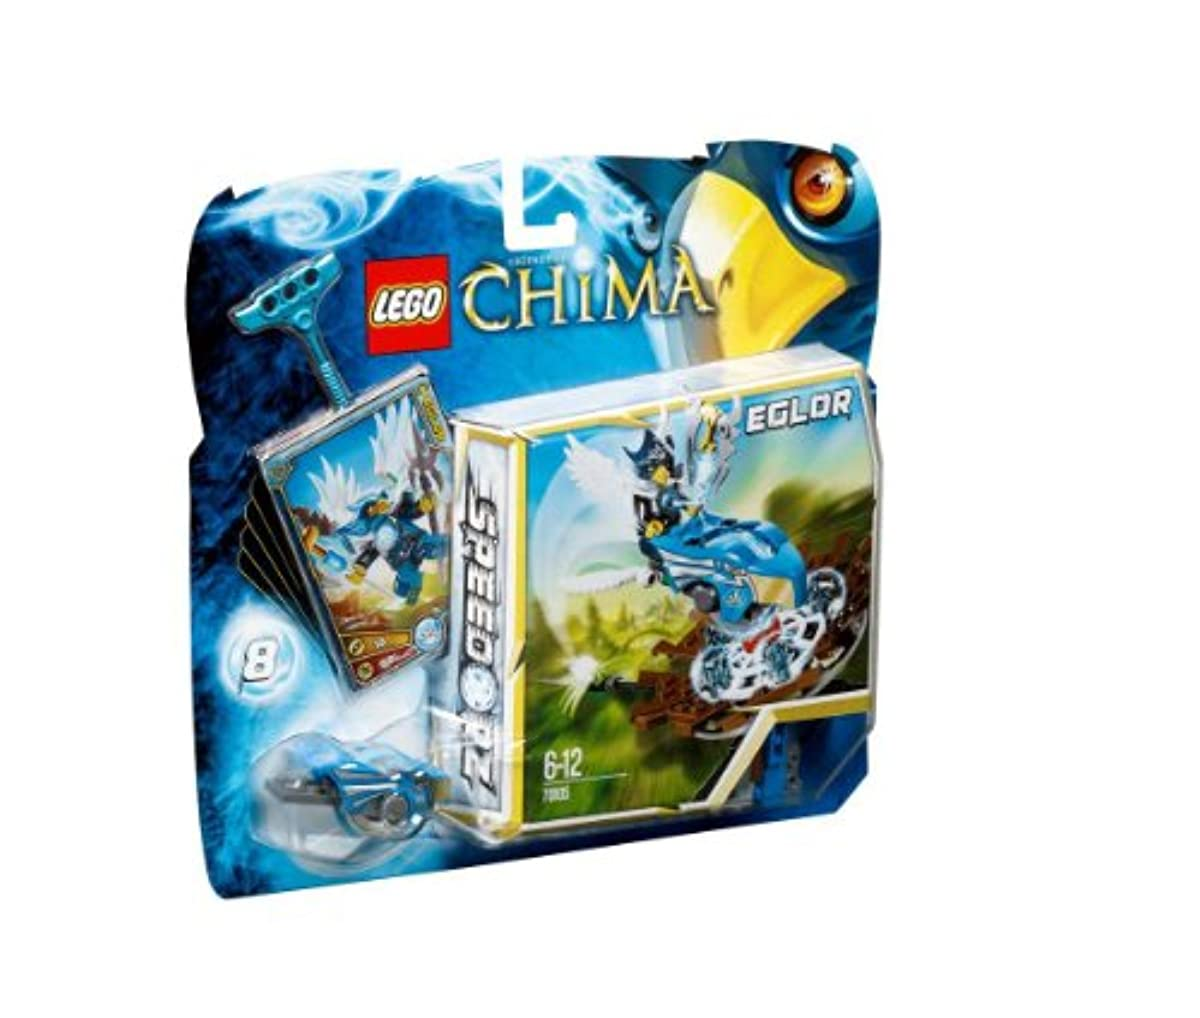 [해외] 레고 (LEGO) 찌마 nest다이브 70105 (2013-04-12)